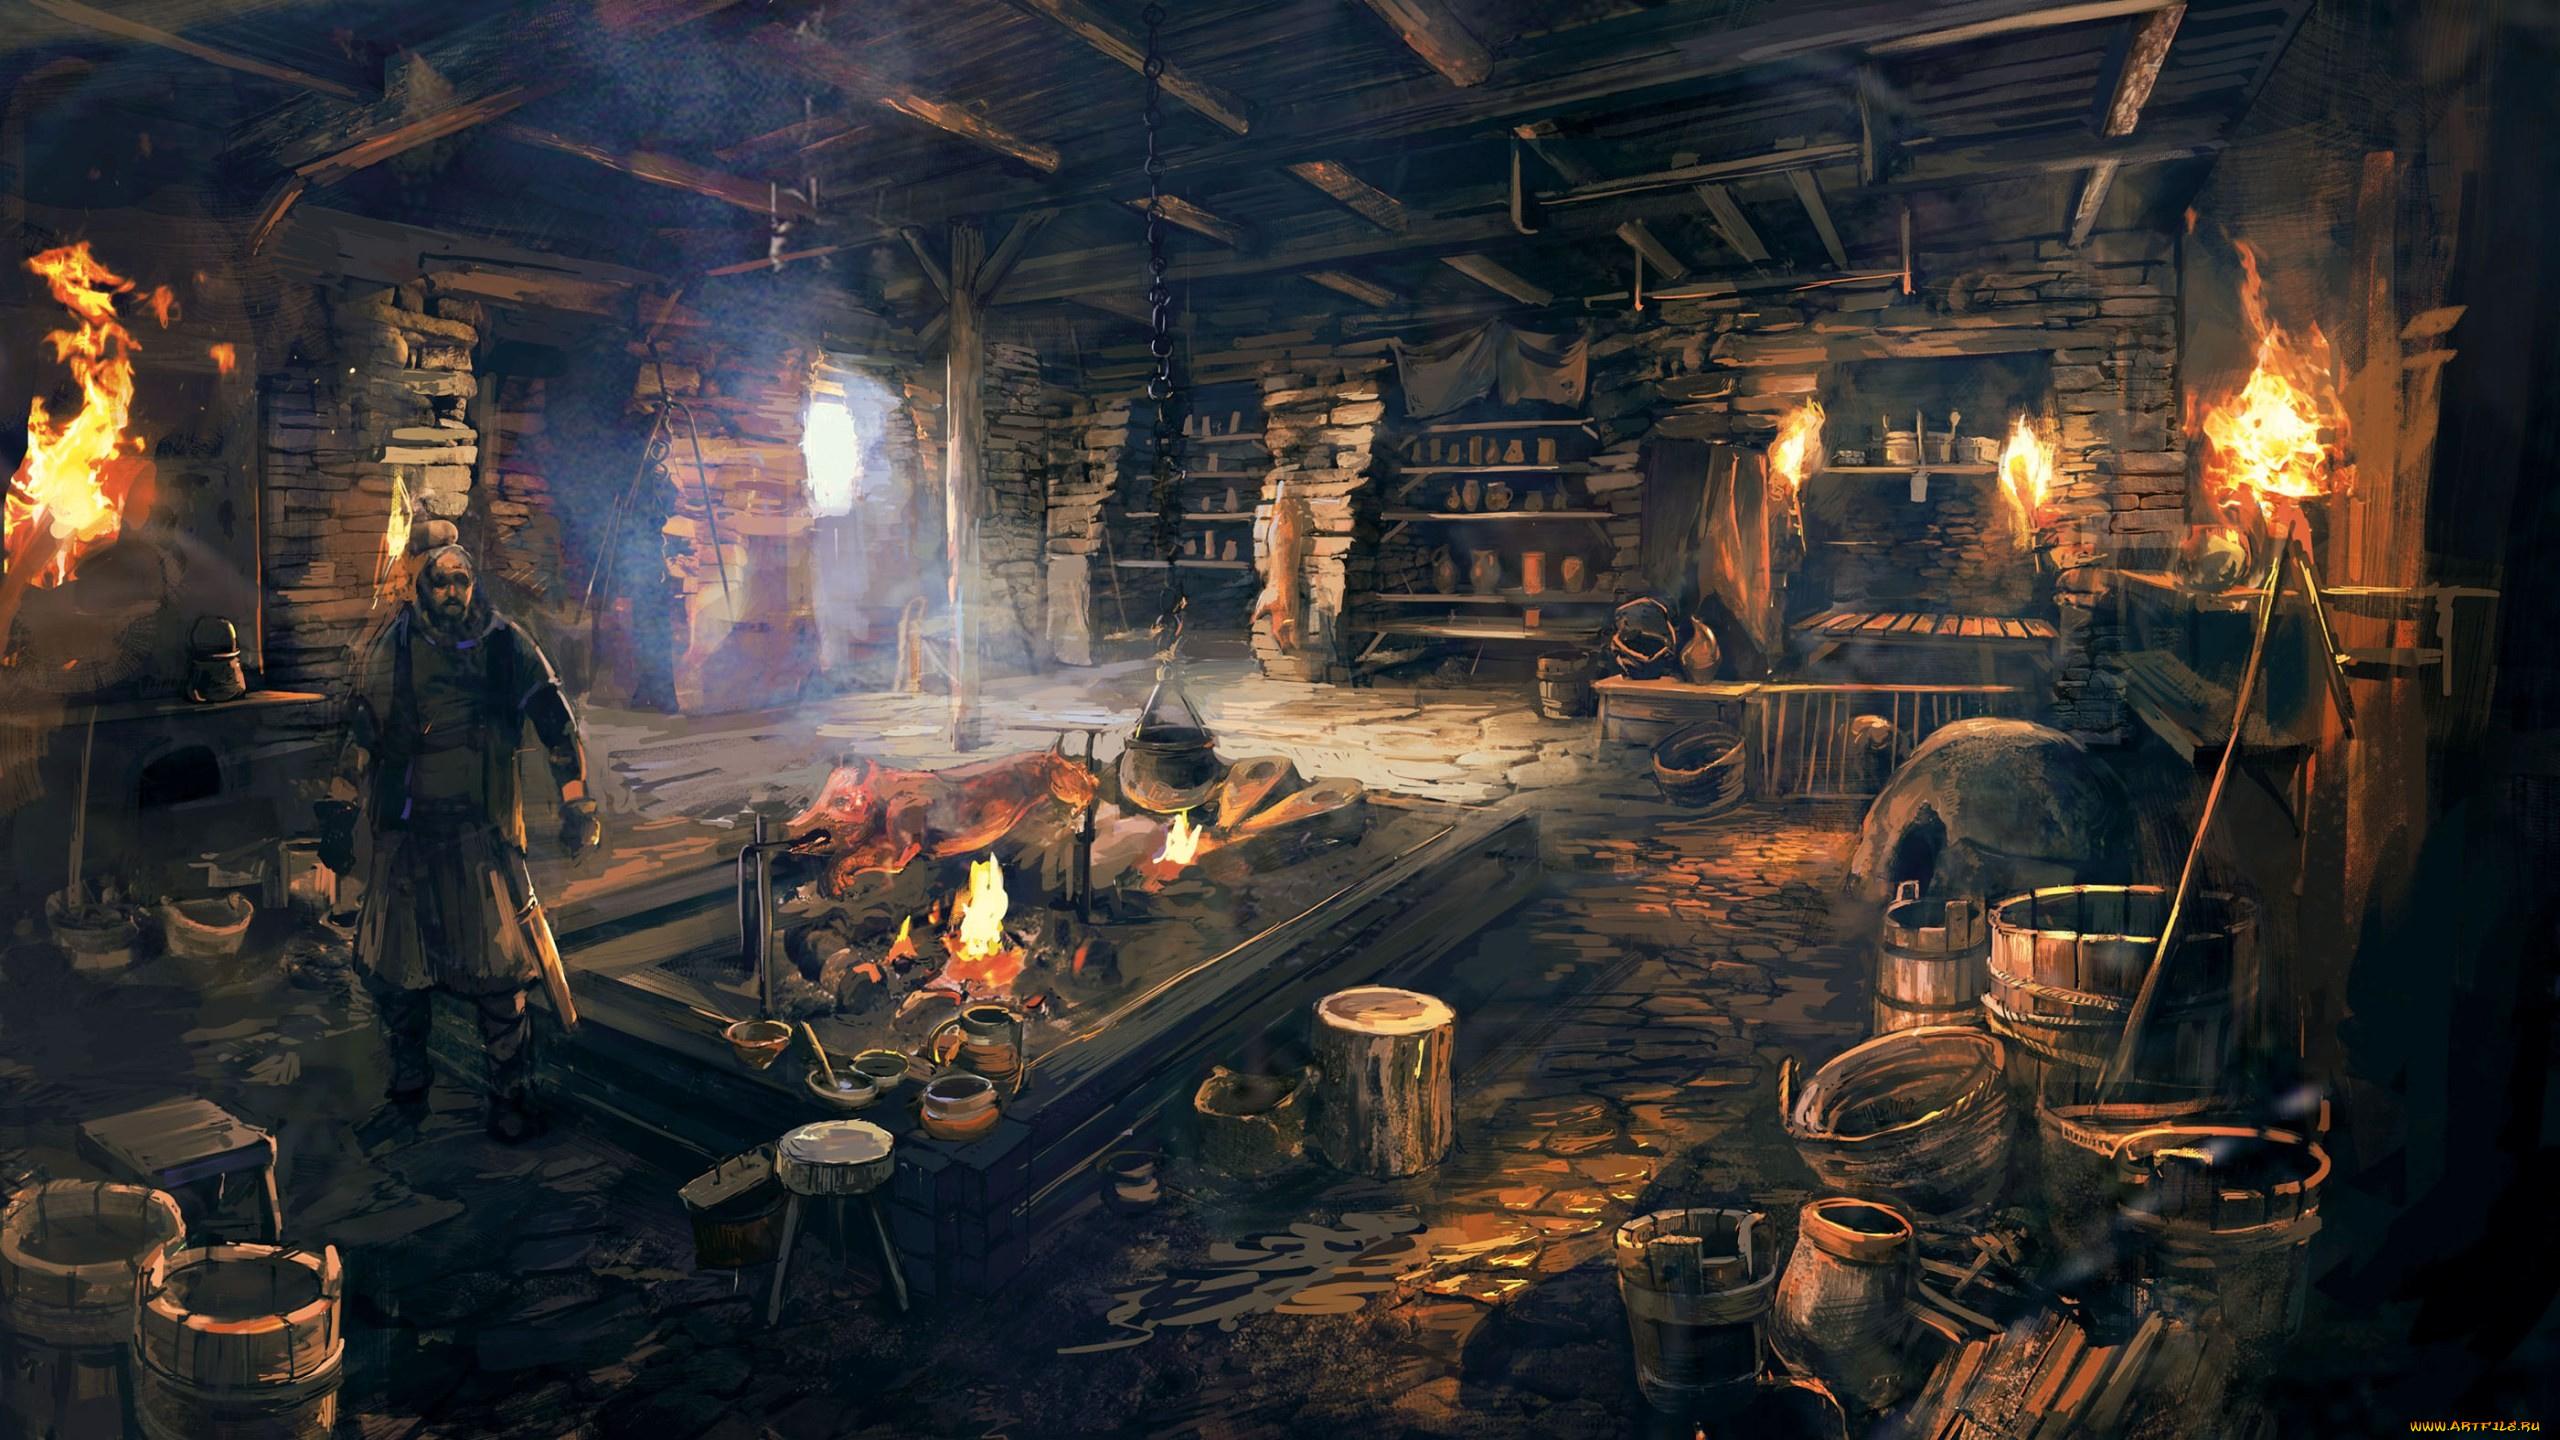 Fantasy Blacksmith Shop - #GolfClub